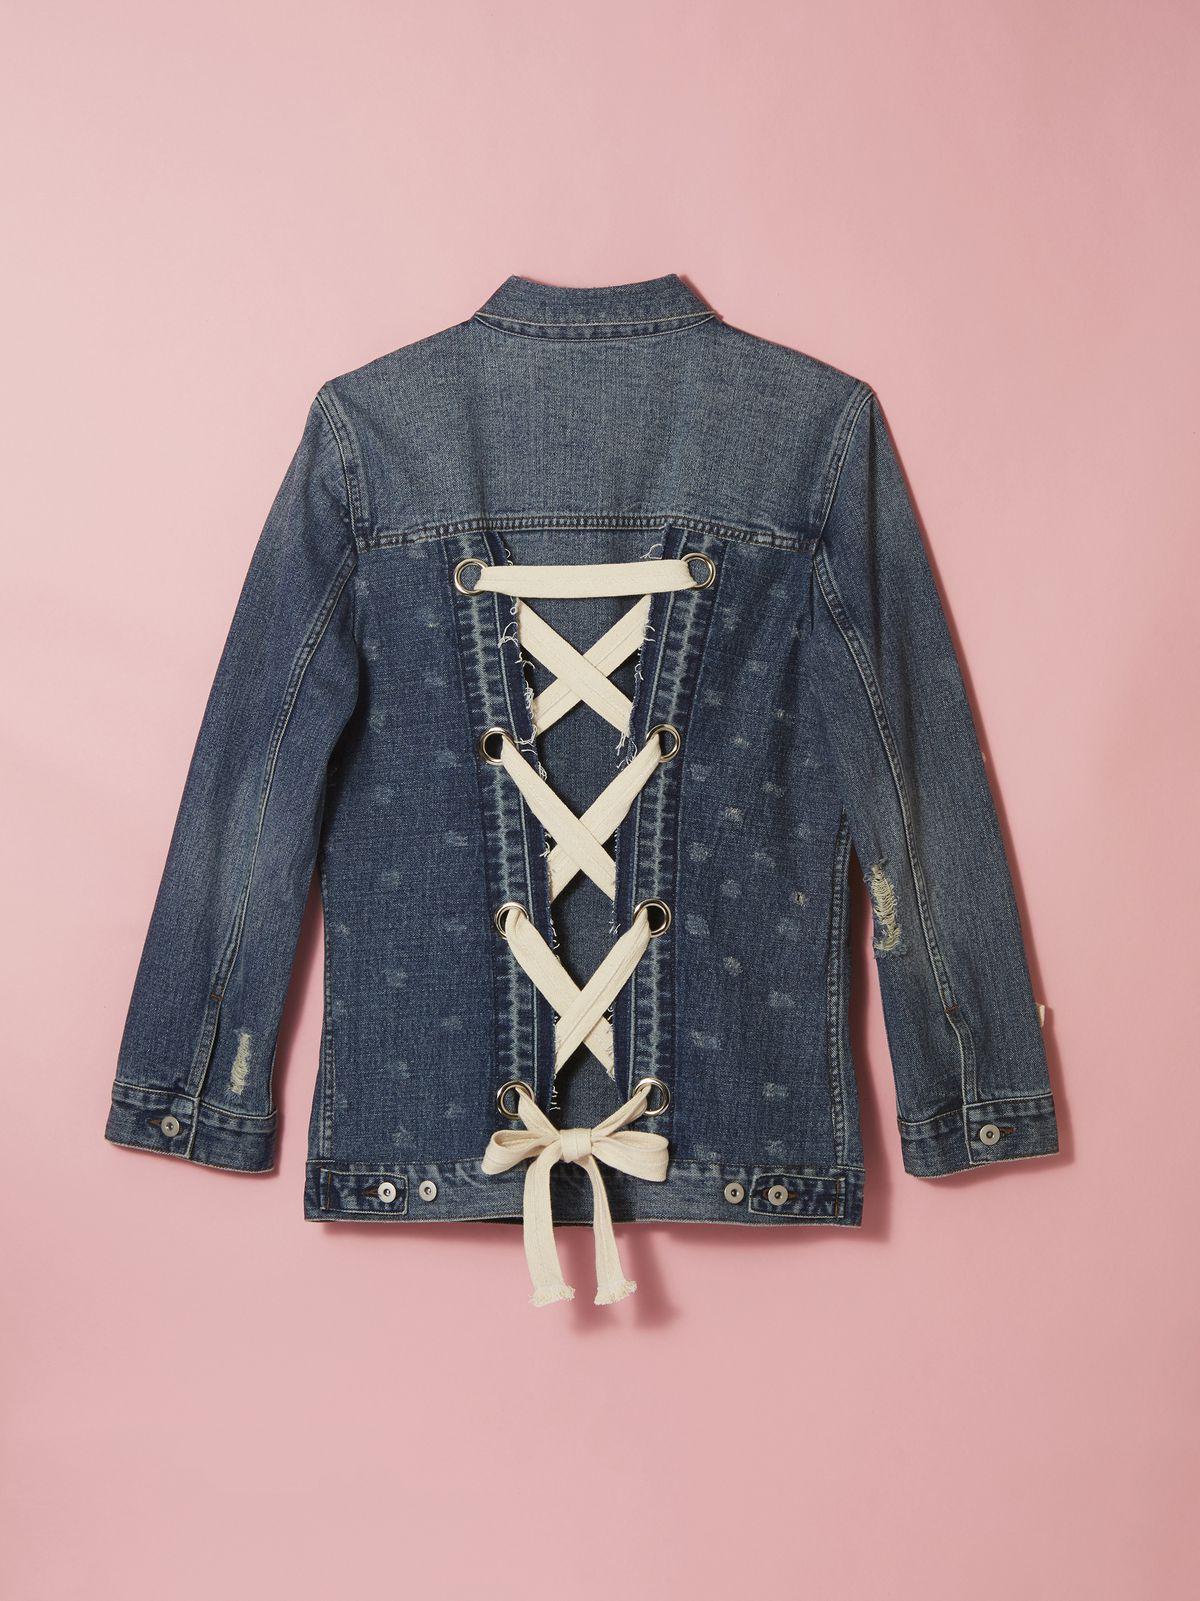 Bebe Rexha x Gilt Denim Lace-Up Jacket, $399